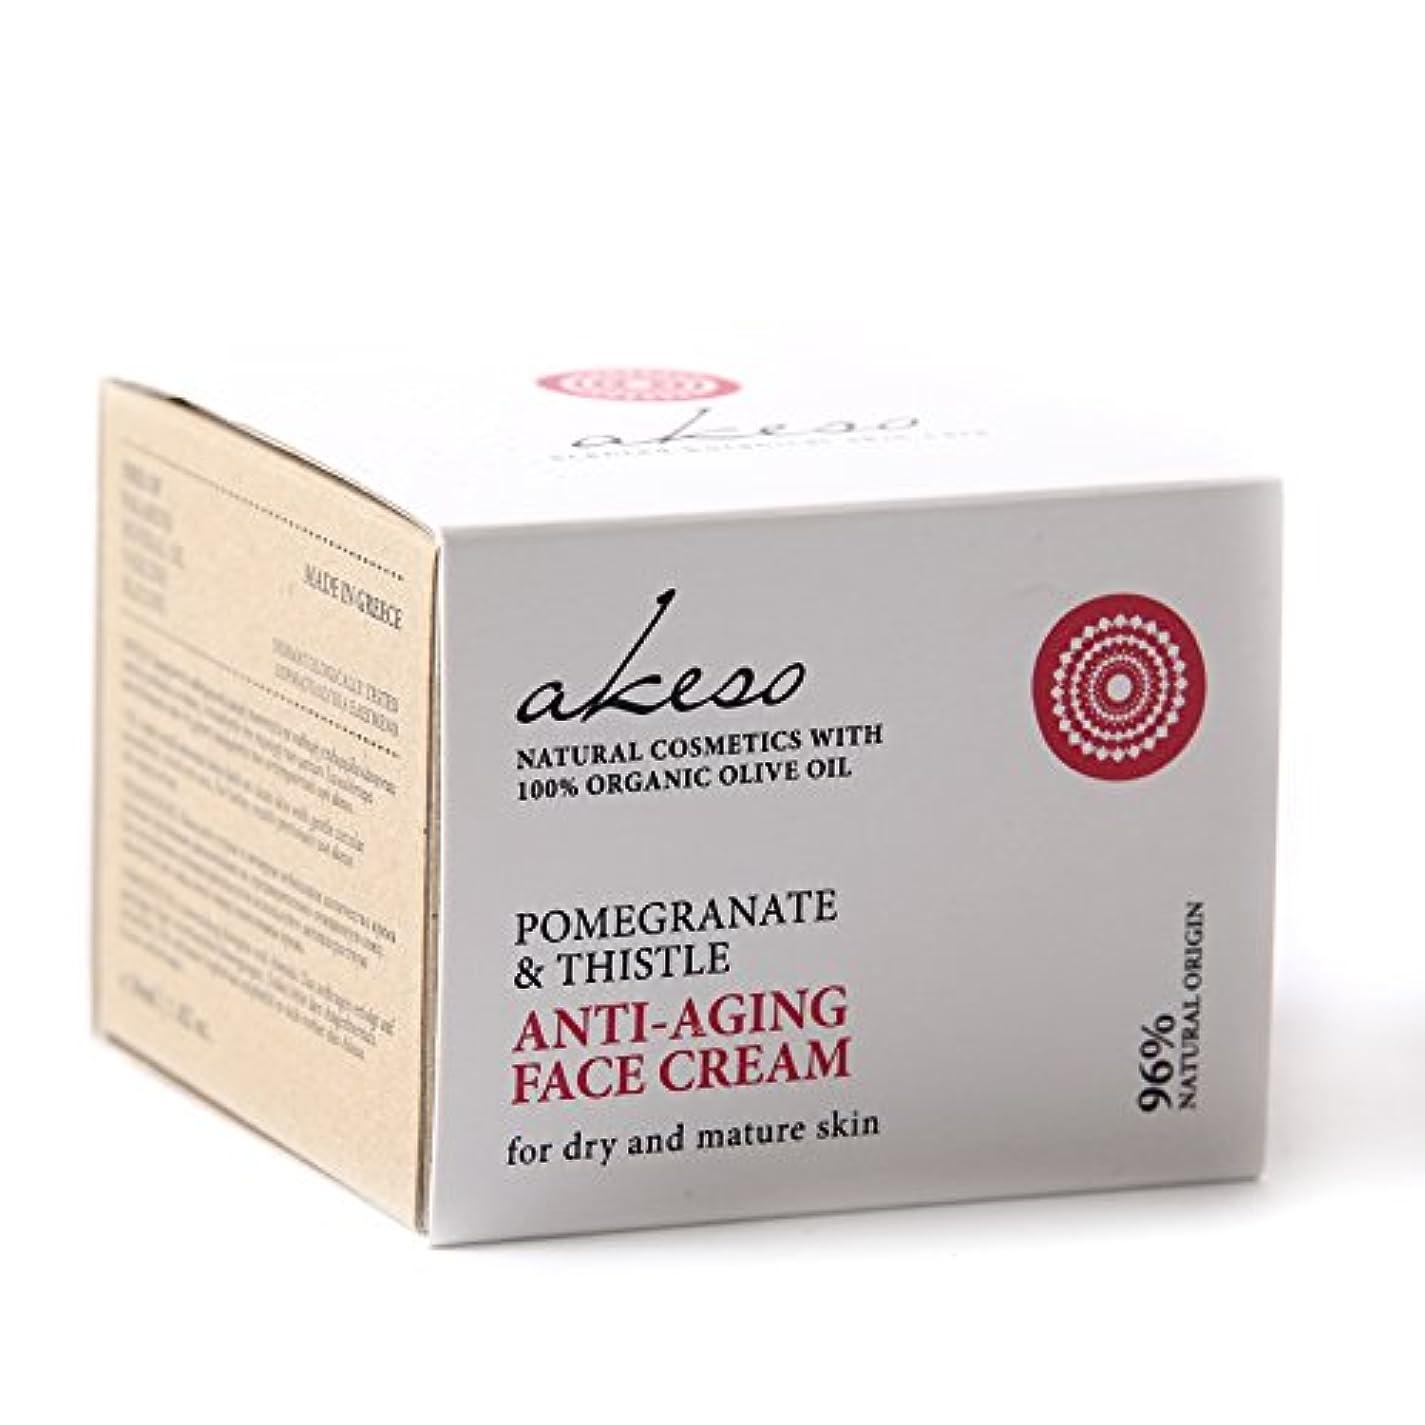 スライム野望平野Pomegranate & Thistle Anti-ageing Face Cream - 50ml